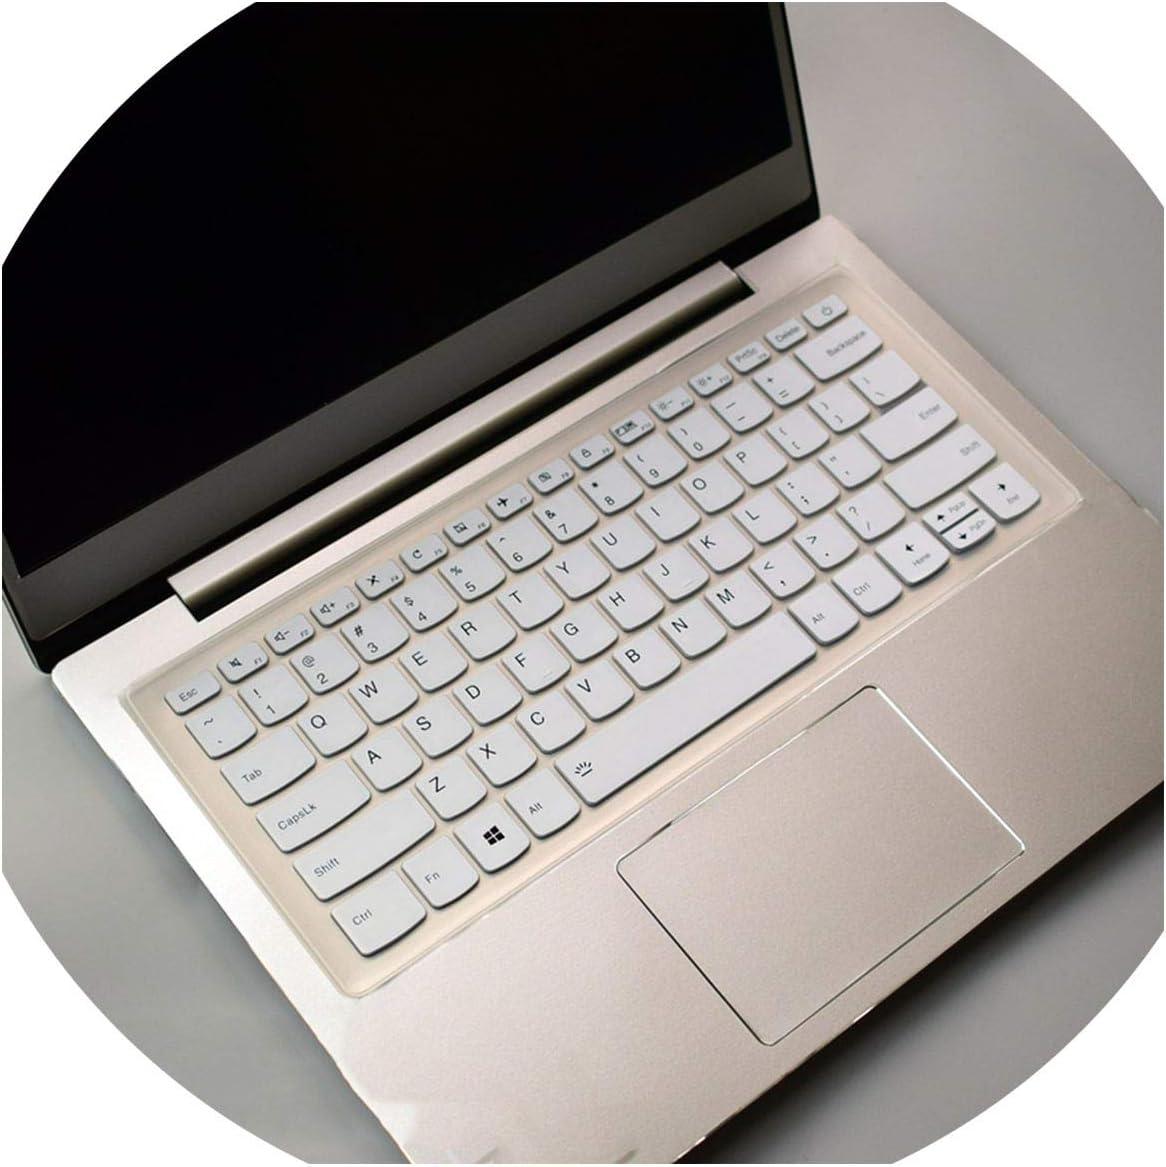 Yoga 730 13 730 13iwl 13,3 Funda Protectora de Silicona para Teclado Lenovo Yoga 720 720s 720 13ikb